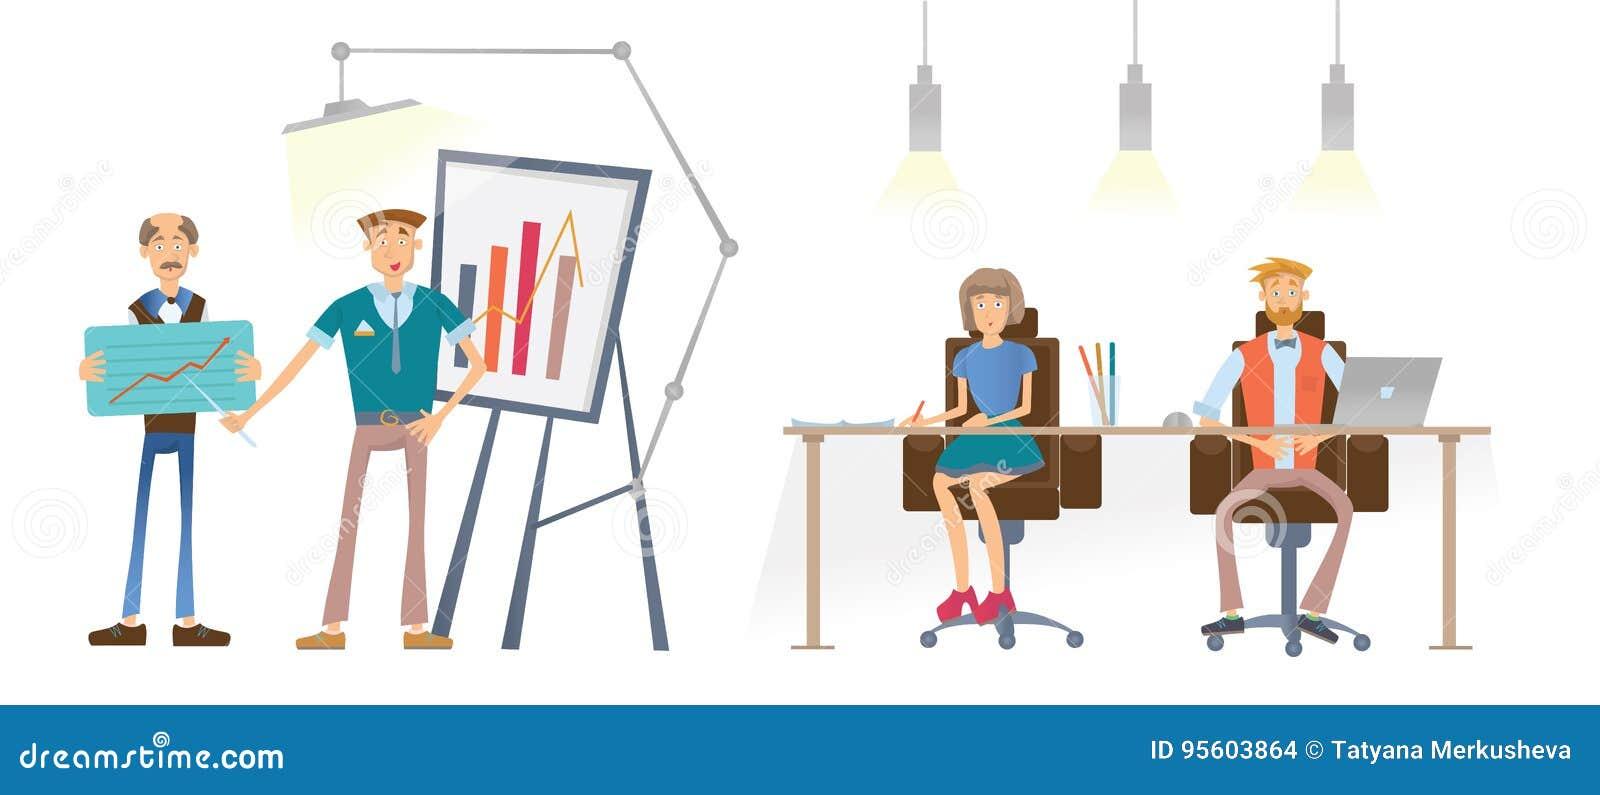 一个人显示一张财政图表 一个男人和一名妇女在桌上看并且听报告人 3d企业尺寸介绍回报形状三